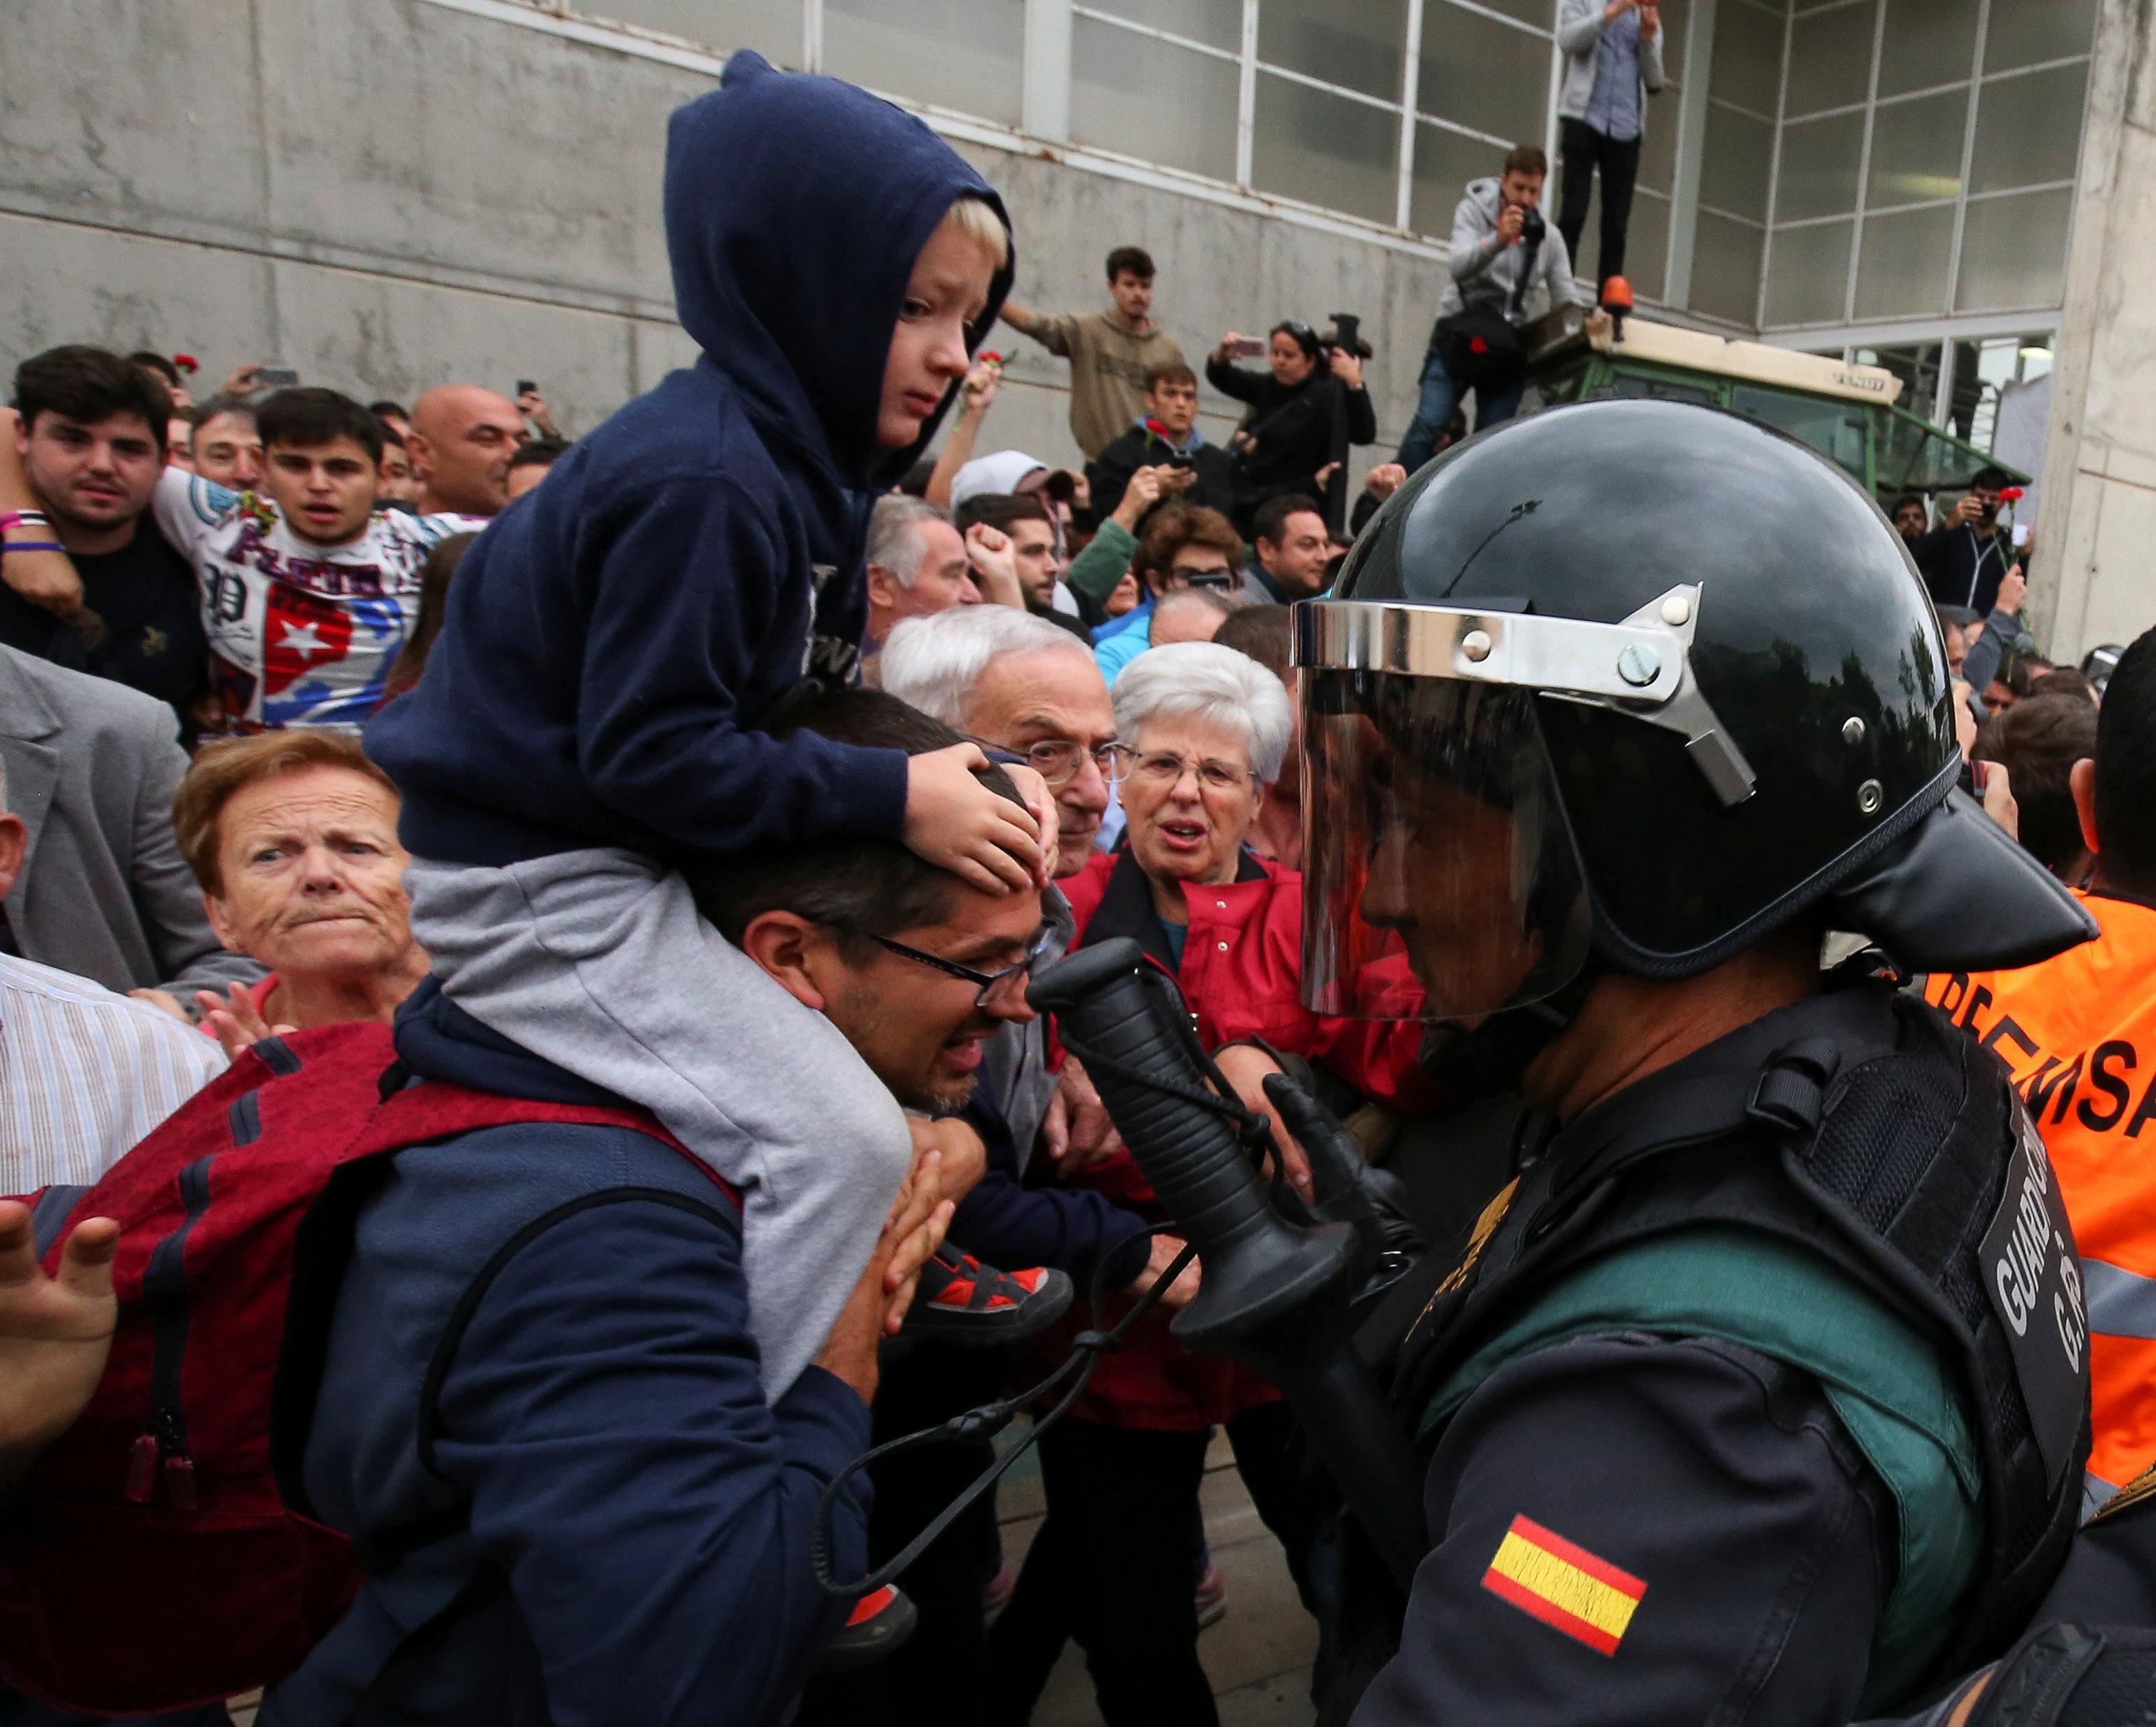 هكذا نجحت حيلة الكتالونيين للتصويت رغماً عن الشرطة